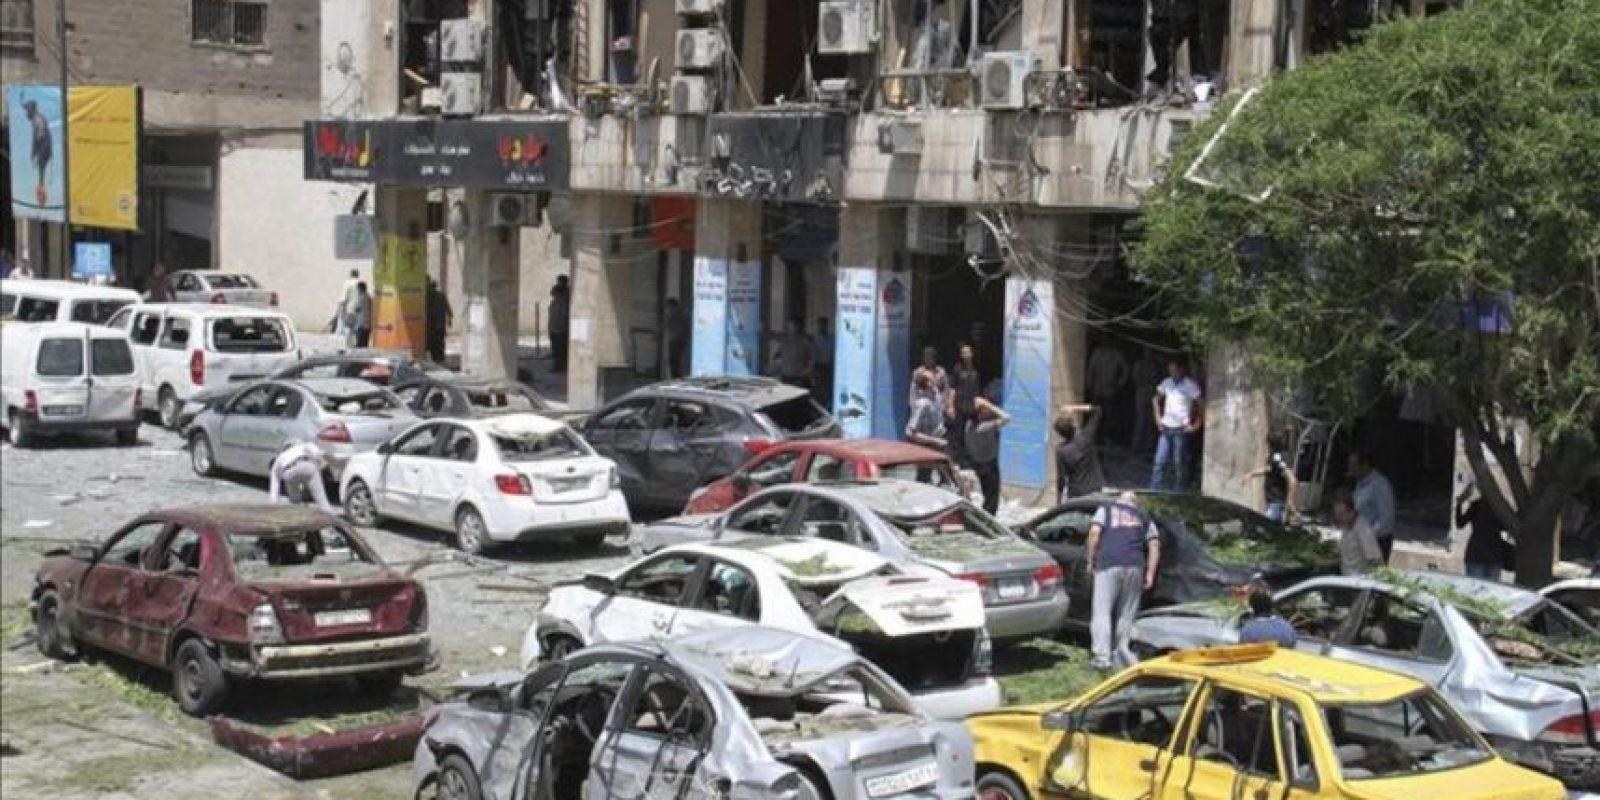 Vista de varios vehículos dañados tras la explosión de un coche bomba en el centro de Damasco, Siria. EFE/Archivo